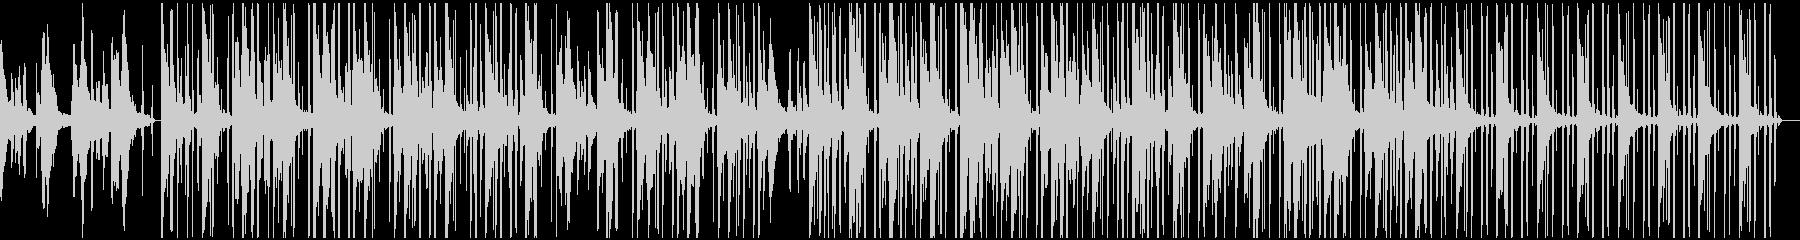 ゆったりとしたピアノLofiHihopの未再生の波形